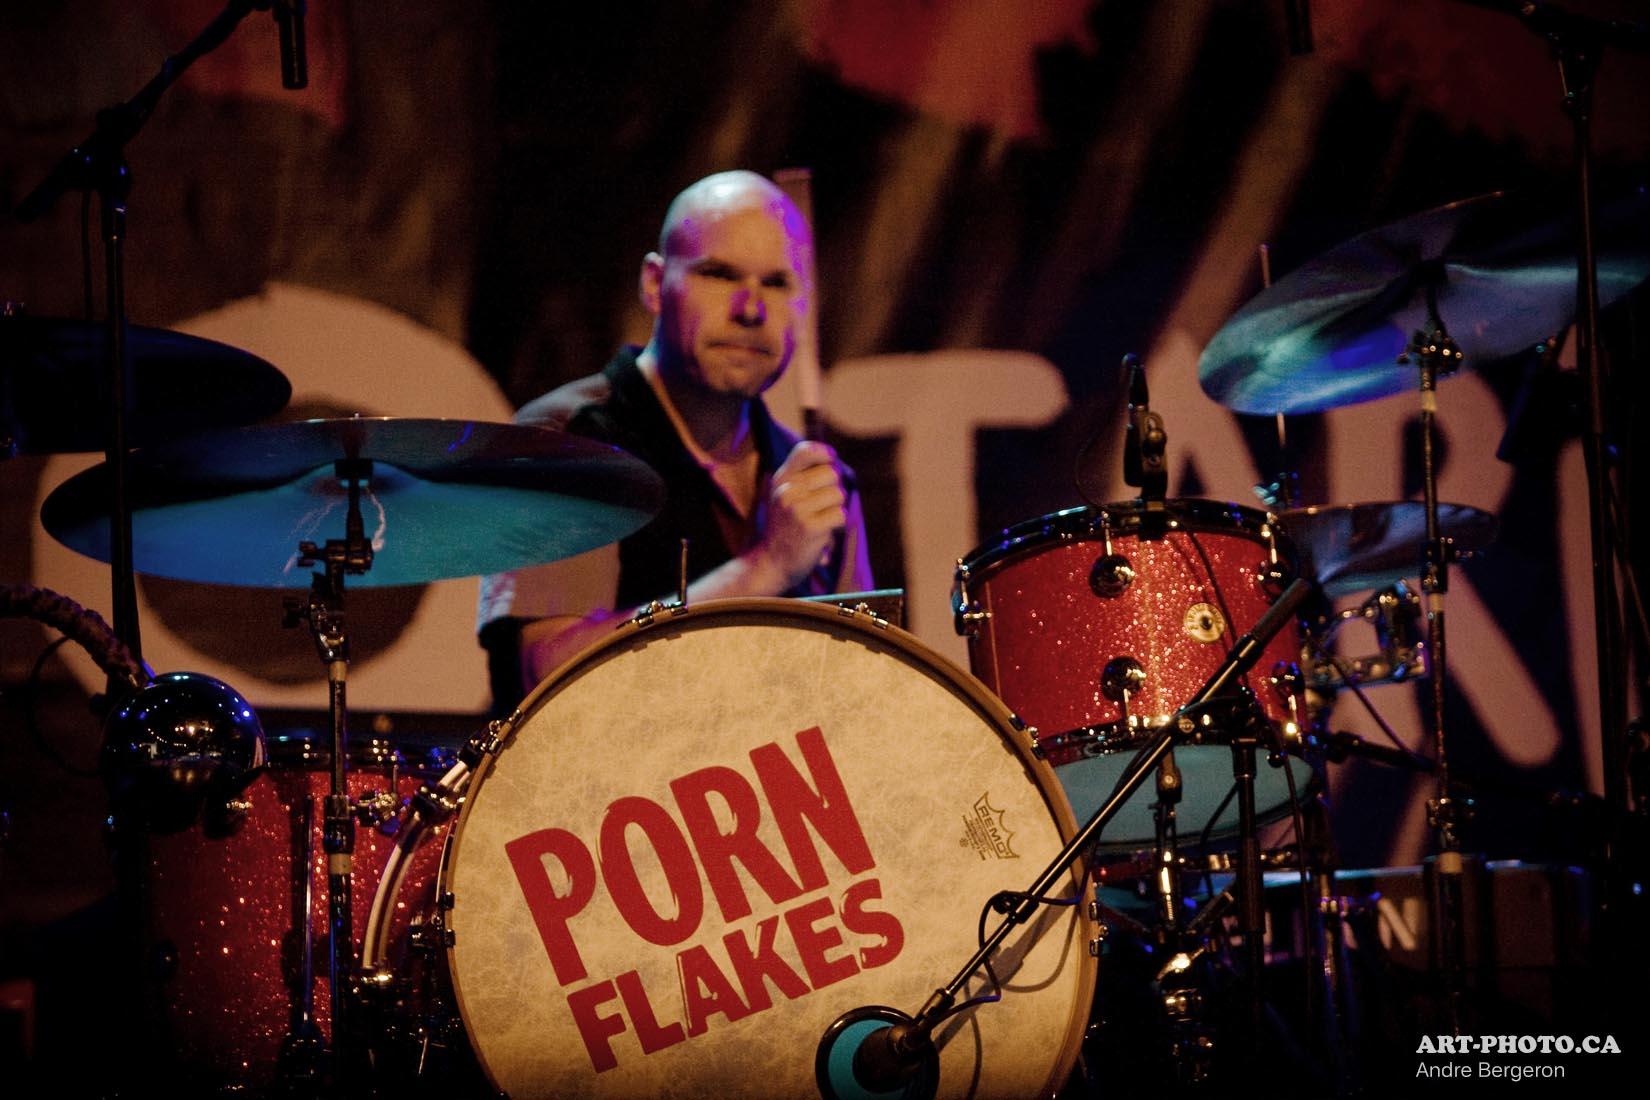 Les Porn Flakes photo musique